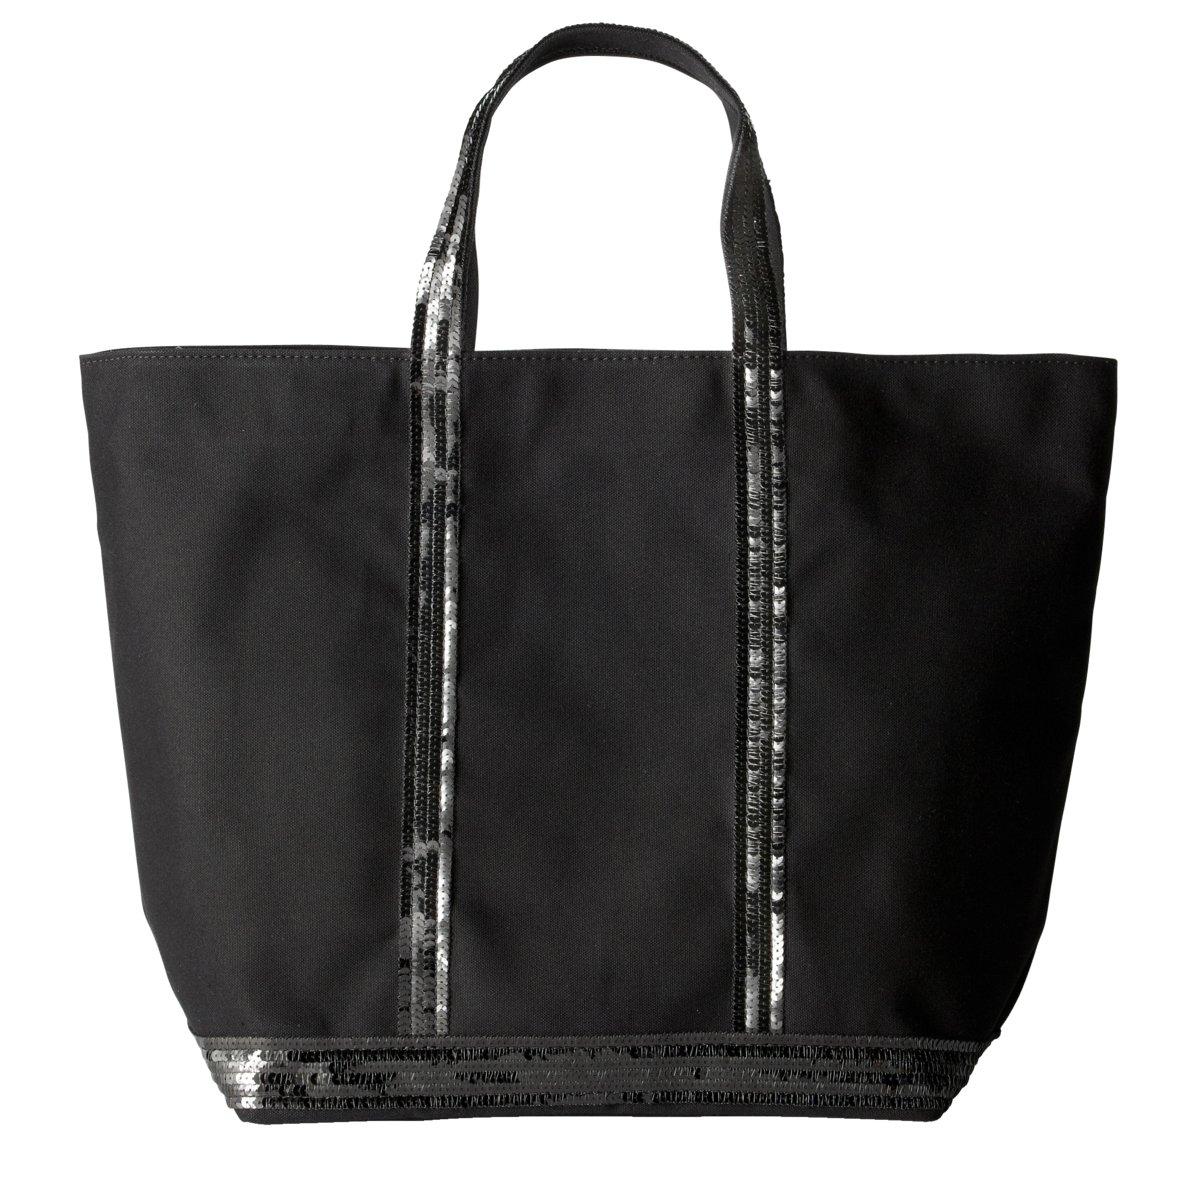 Фото - Сумка-шоппер La Redoute Средняя из парусины с блестками единый размер черный сумка шоппер средняя из парусины с блестками